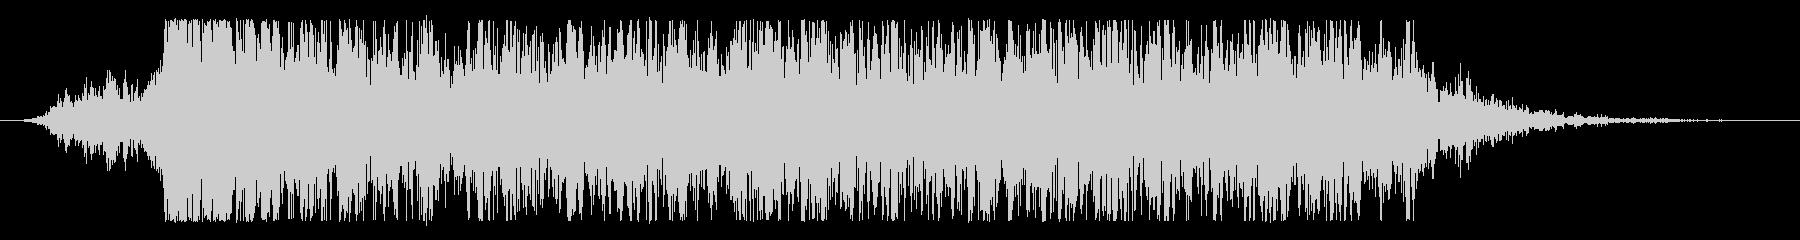 火 ランスヒット01の未再生の波形